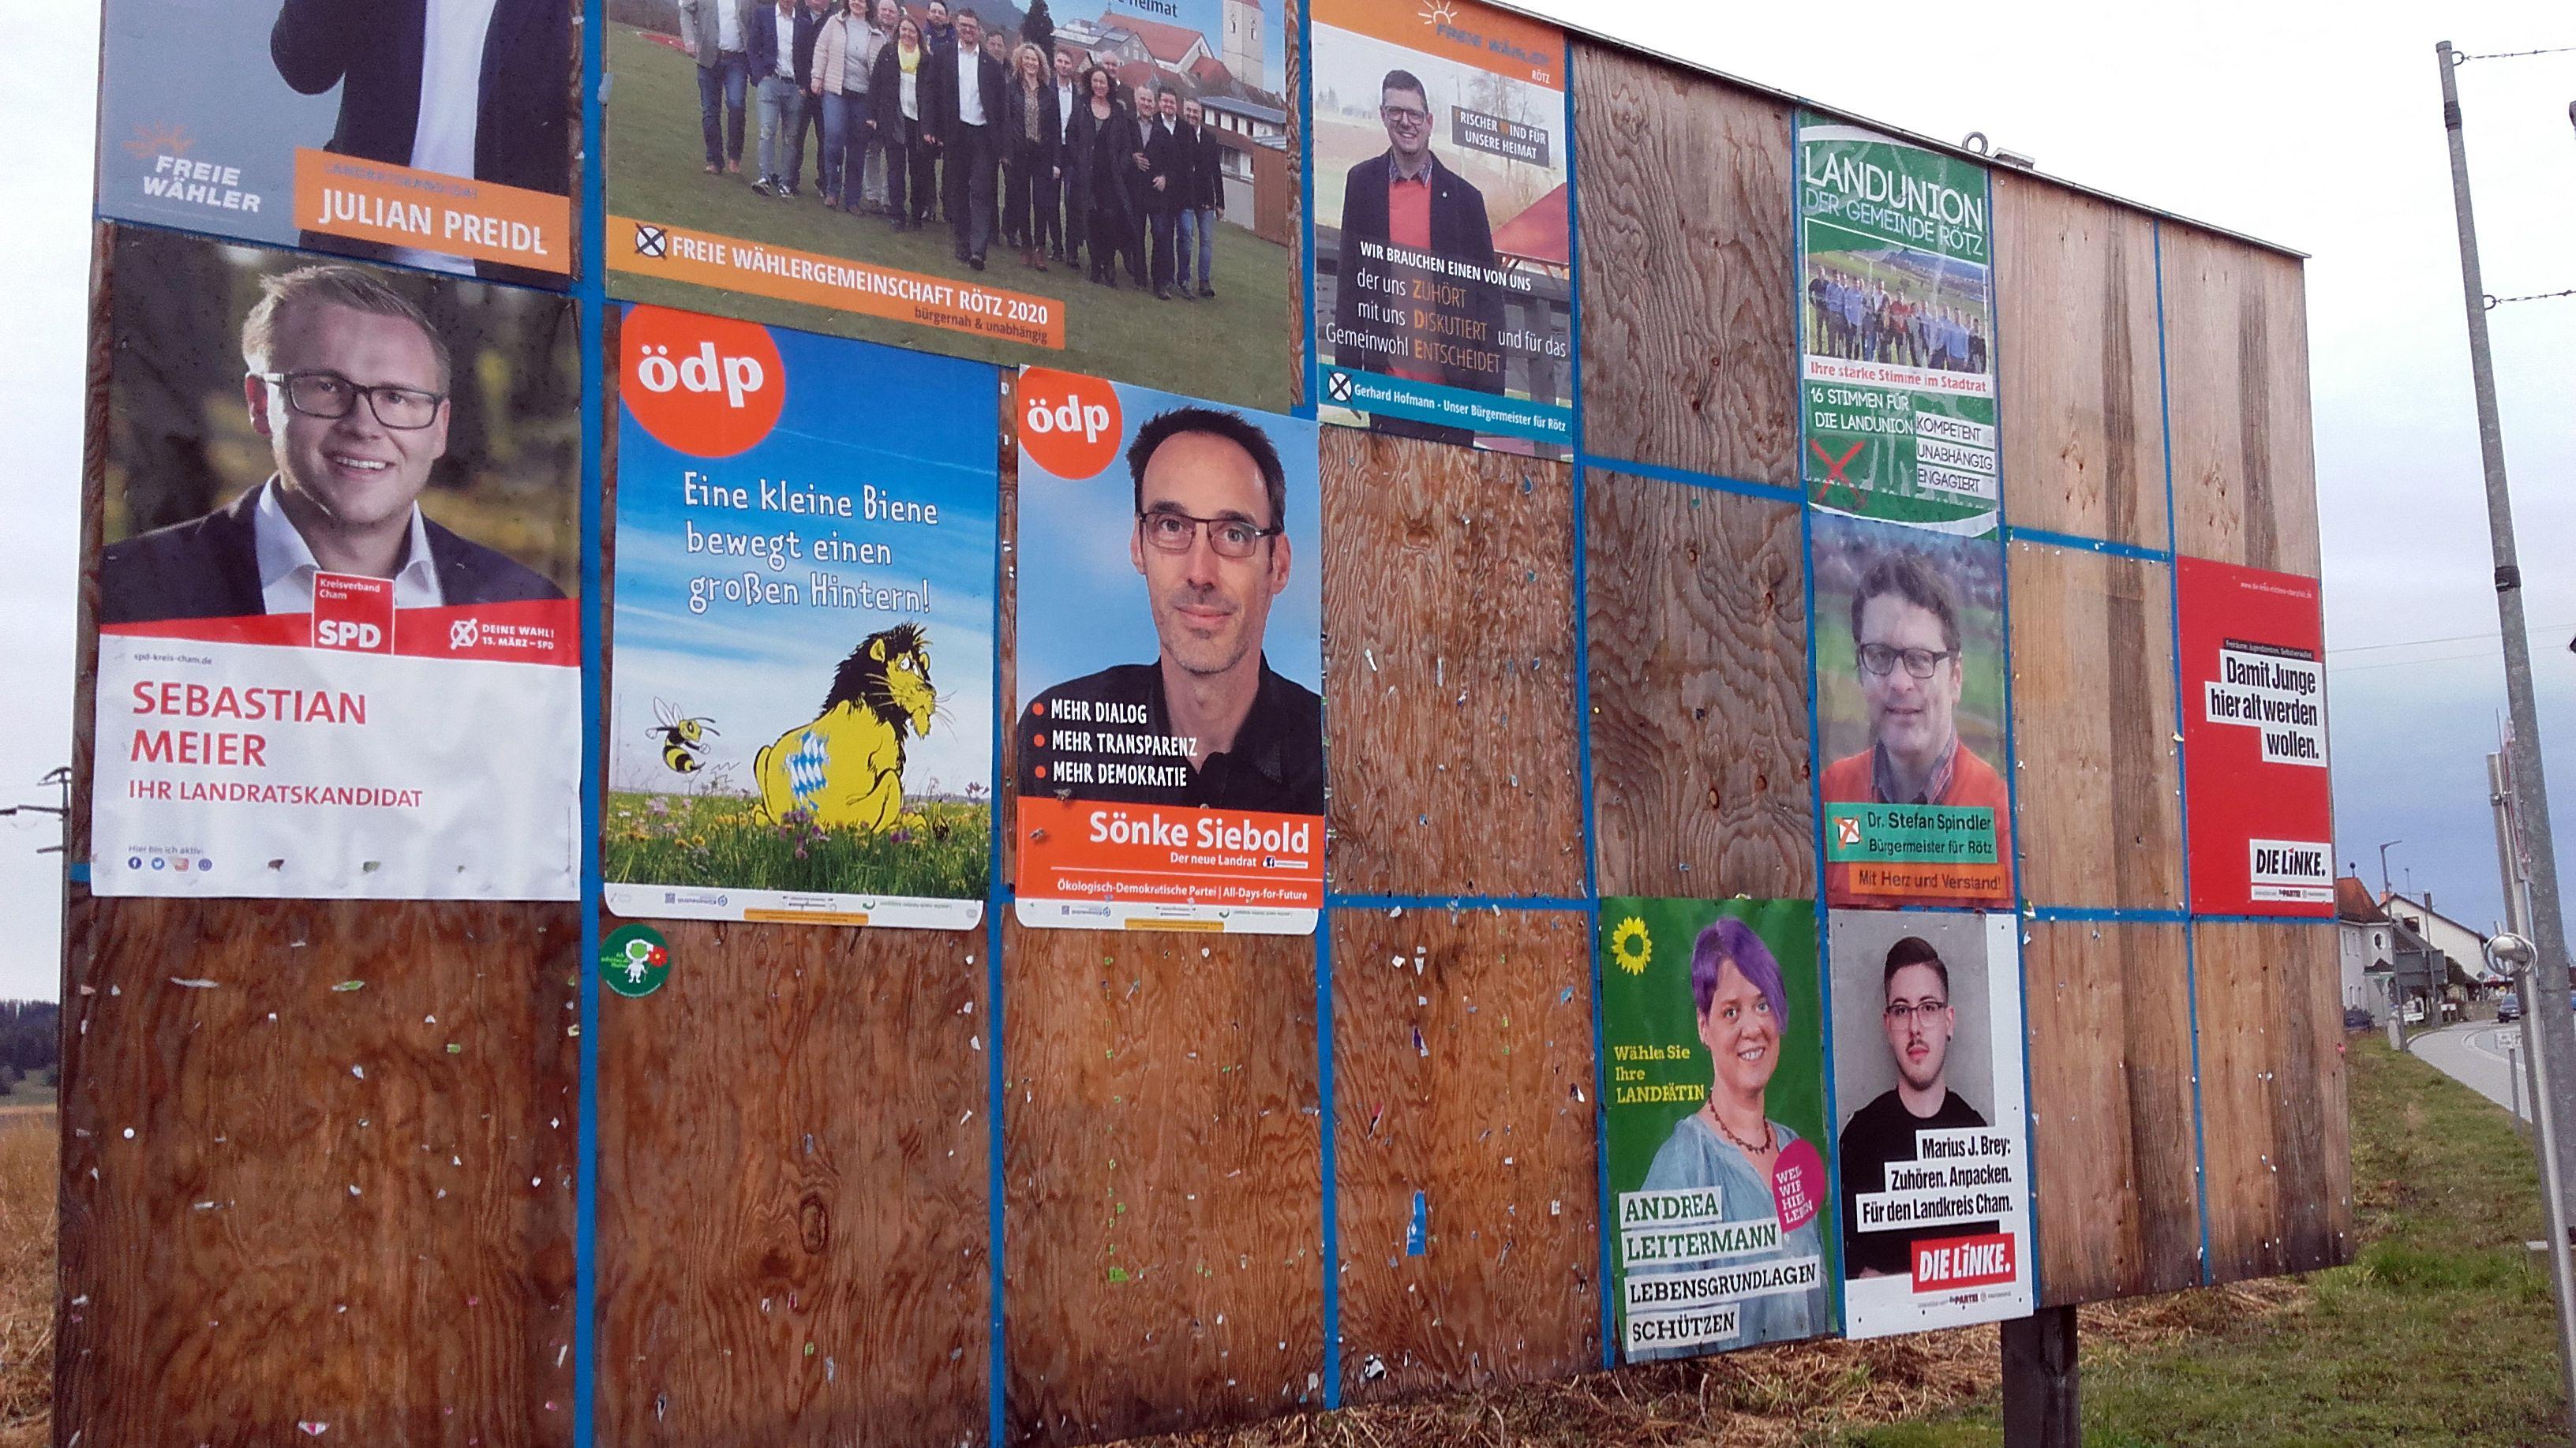 Eine öffentliche Plakatwand mit Wahlplakaten.